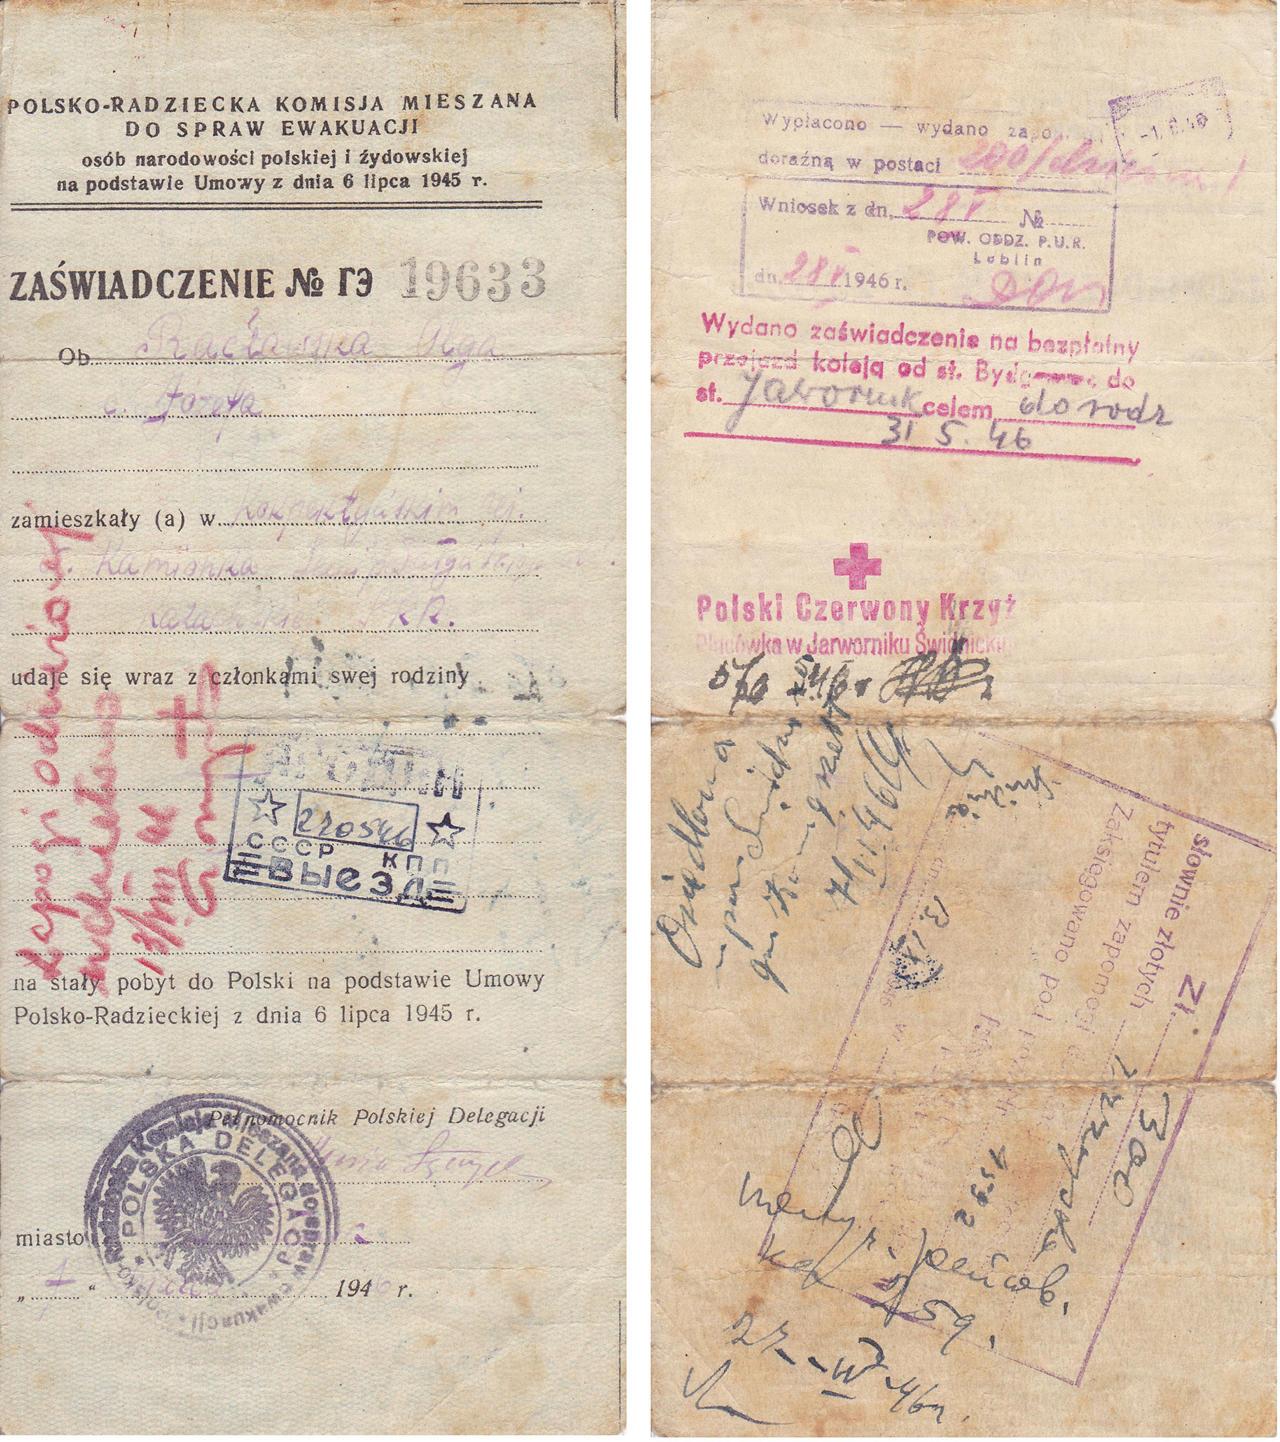 349. Dokument – Zaświadczenie nr 19633. Powrót z ZSSR do Polski